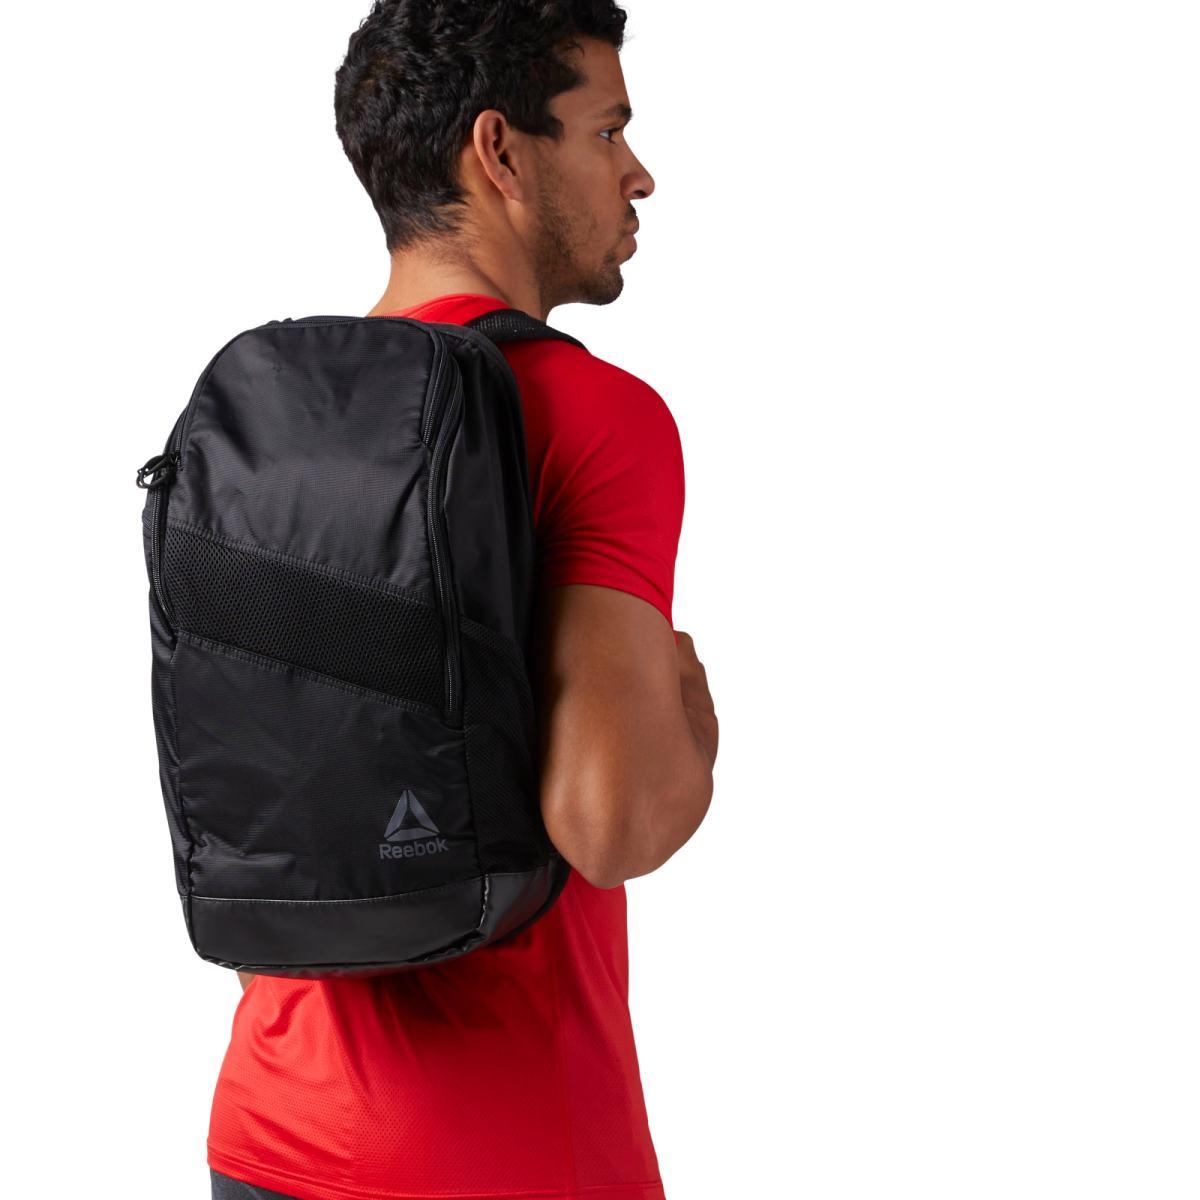 Reebok_Backpack_Black_CF7474_04_standard